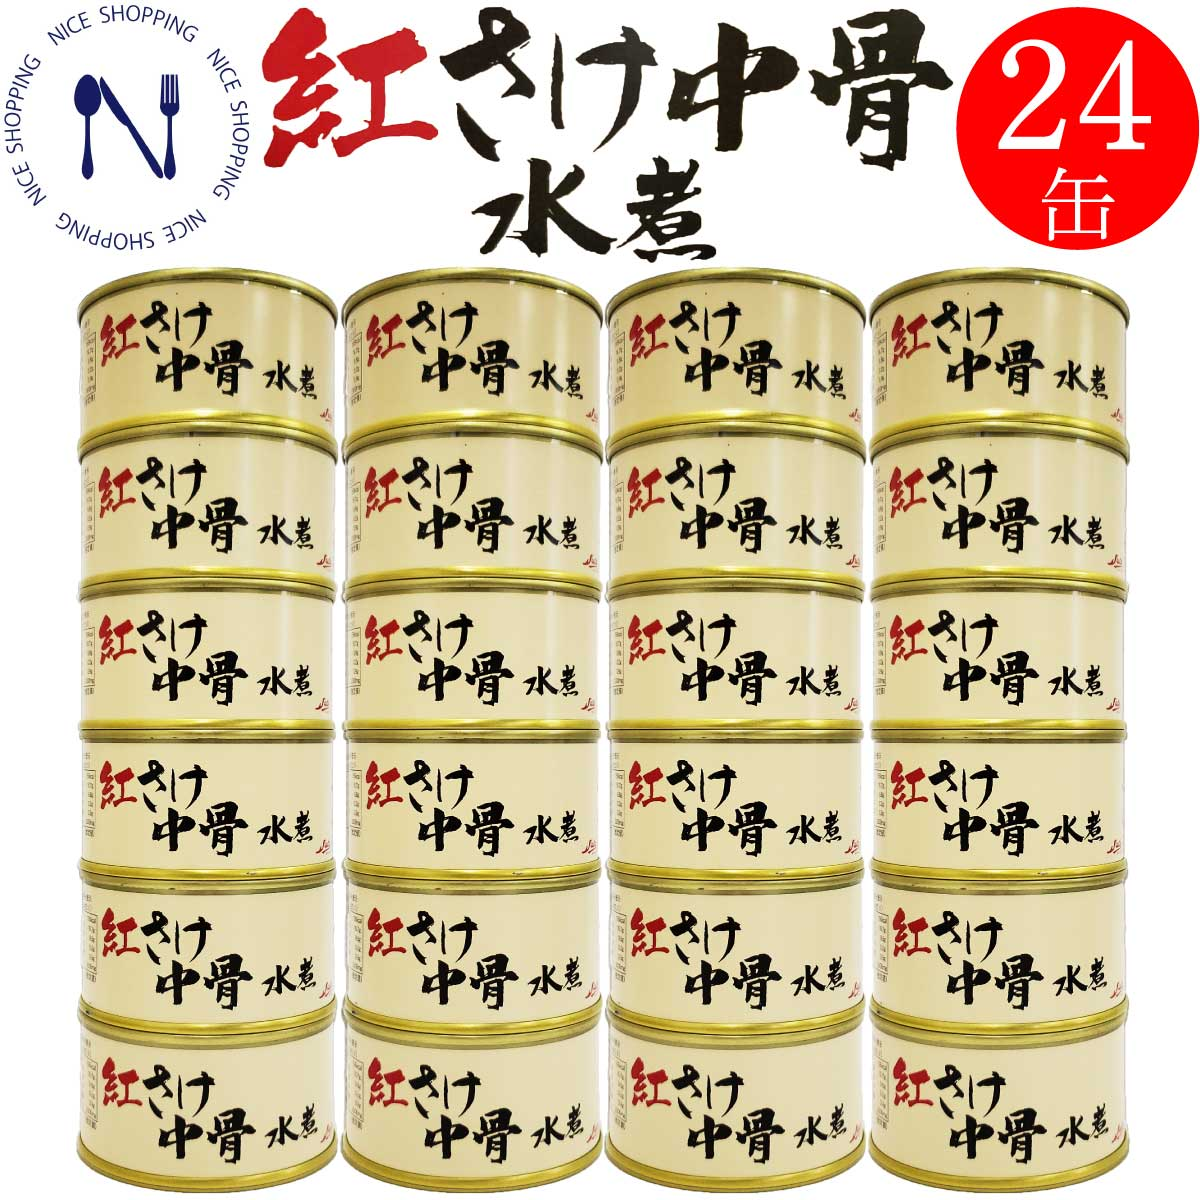 塩分1%の薄味に仕上げてますので 色々な料理にアレンジできます ポン酢をかけても醤油を1滴たらしても お好きな味付けでどうぞ ストー 紅さけ中骨 紅鮭 国産 缶詰め 2020モデル おかず おつまみ まとめ買い ご当地 お取り寄せ 北海道 水煮 カルシウム トピック ギフト 送料無料 アスタキサンチン EPA 180g×24缶 コロナ対策 プレゼント 評価 非常食 DHA 備蓄 母の日 ビタミンD 弁当 インスタント食品 父の日 長期保存